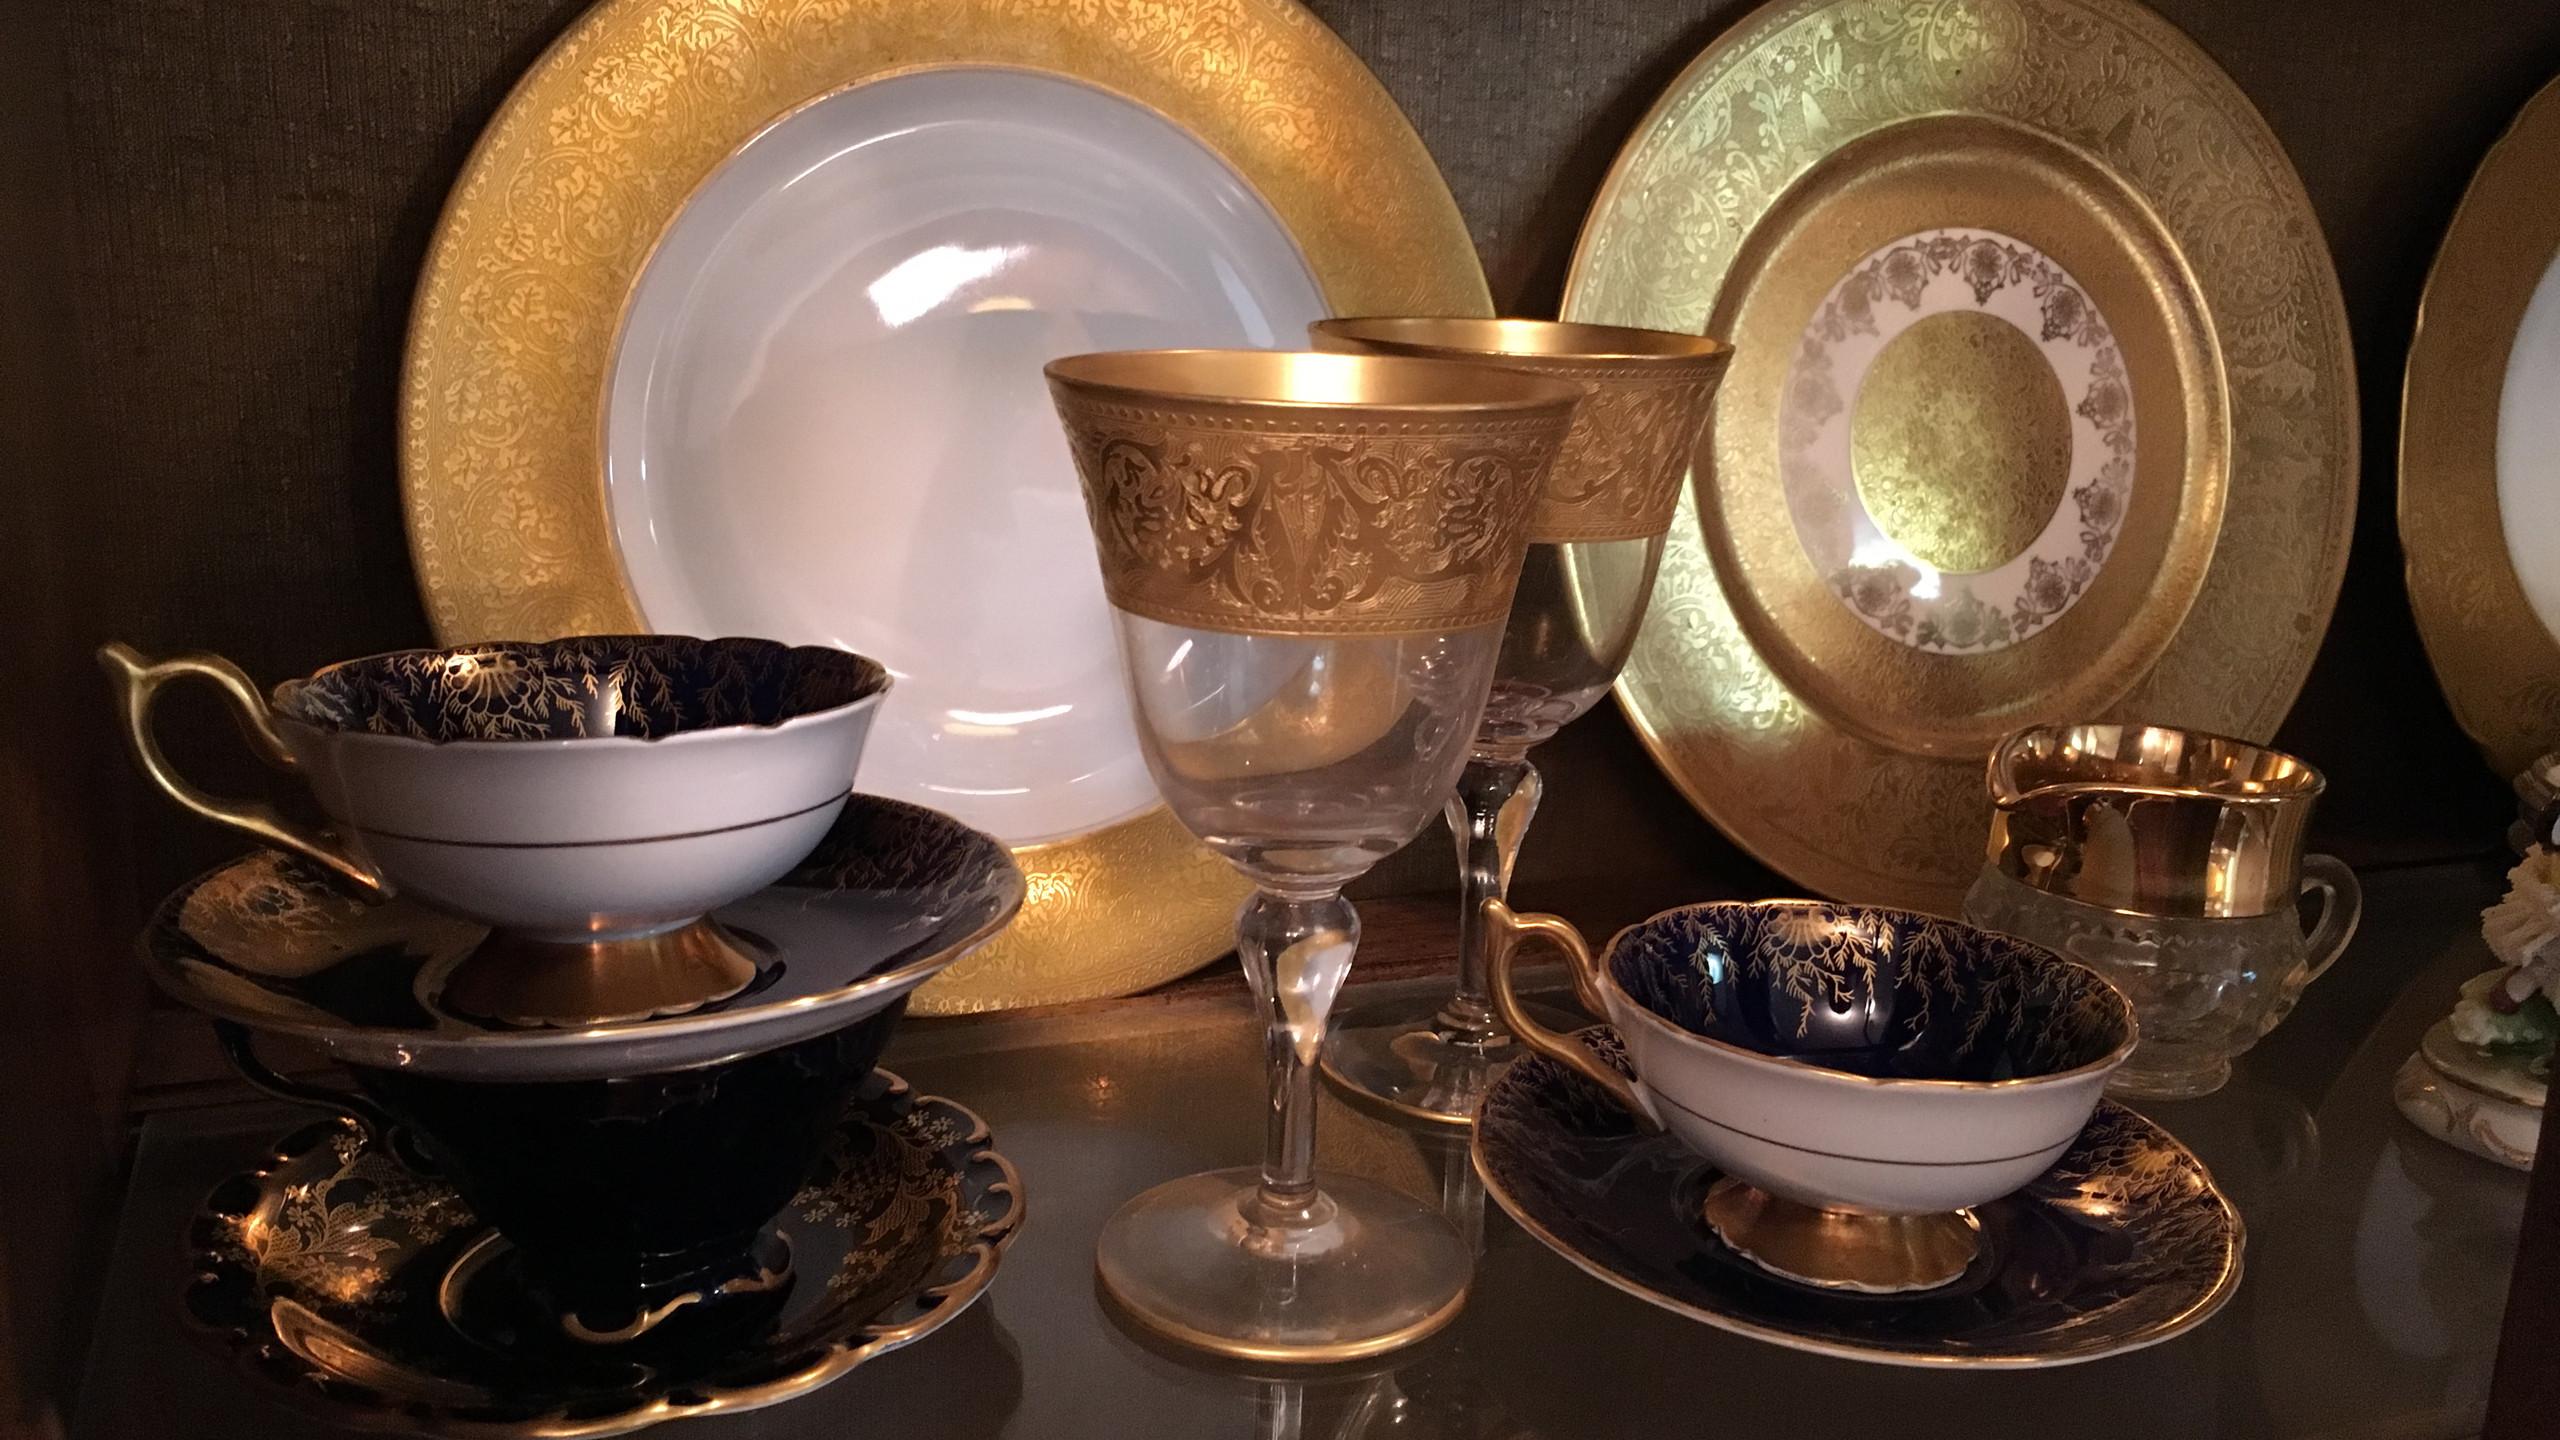 Gold Embellished China